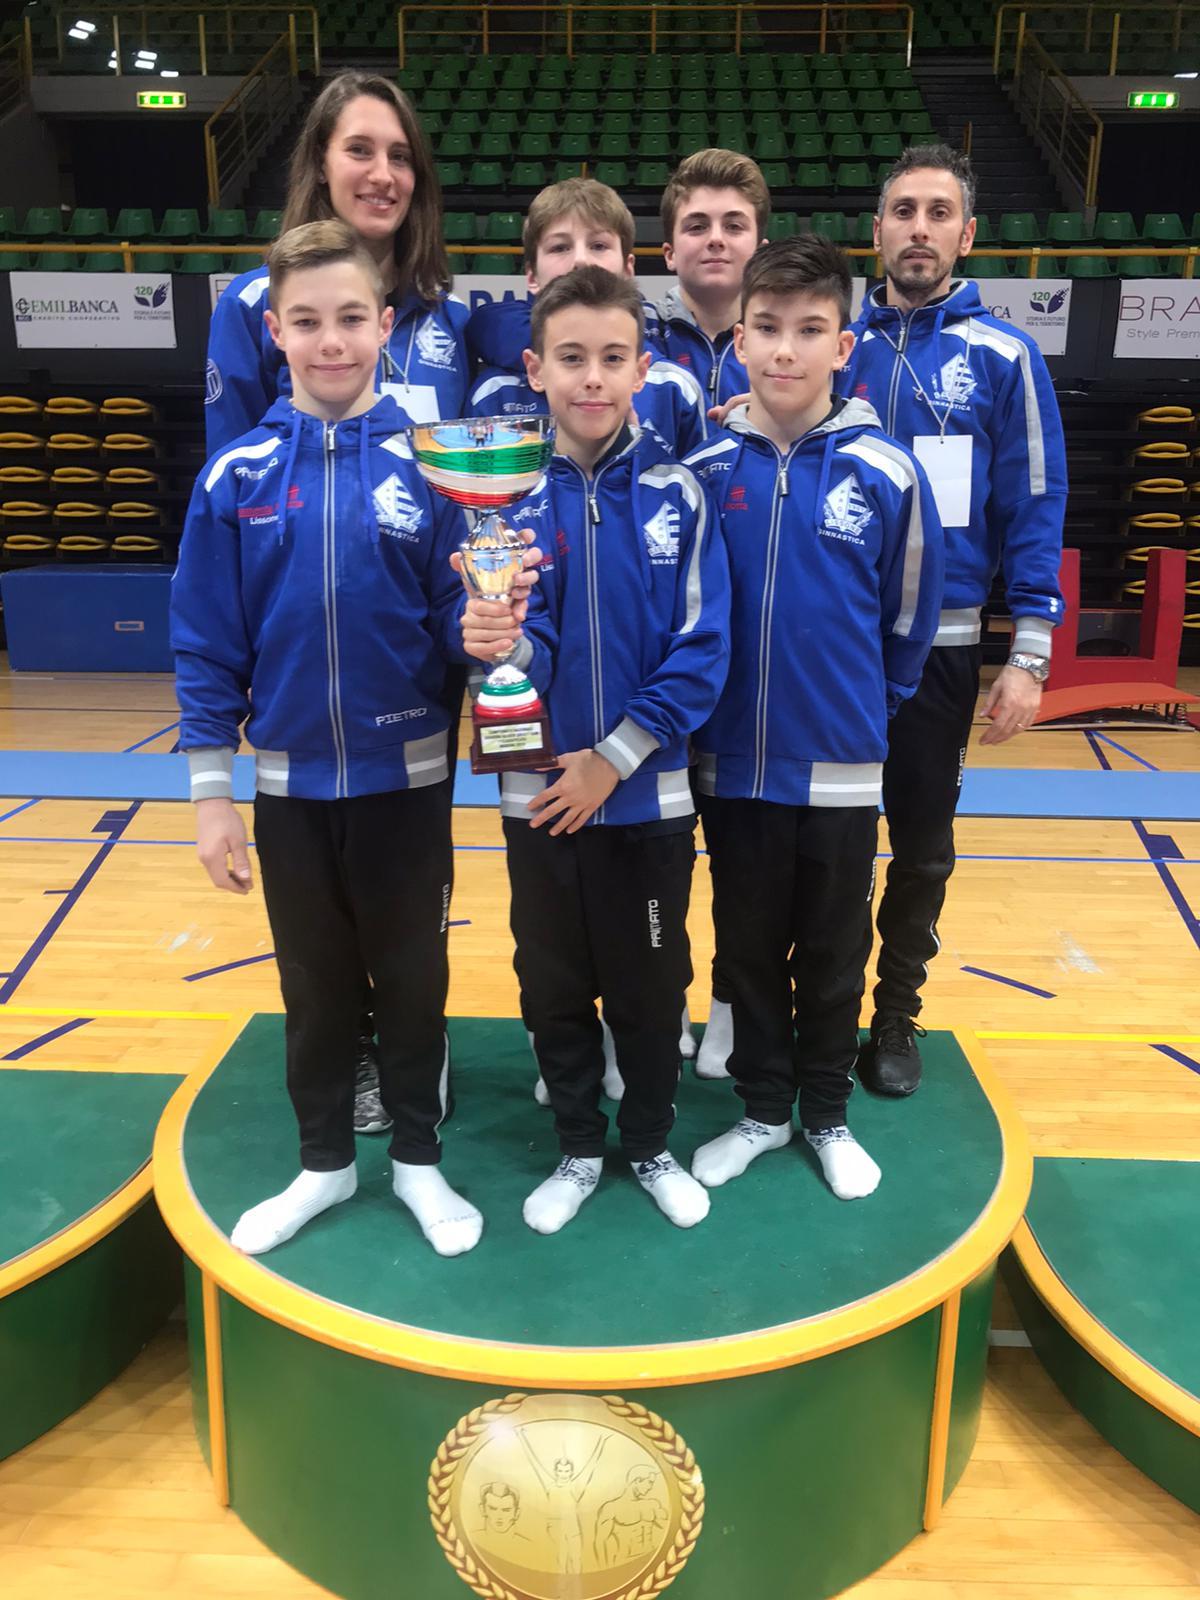 Pro Lissone/maschile: Gold 1 campione d'Italia